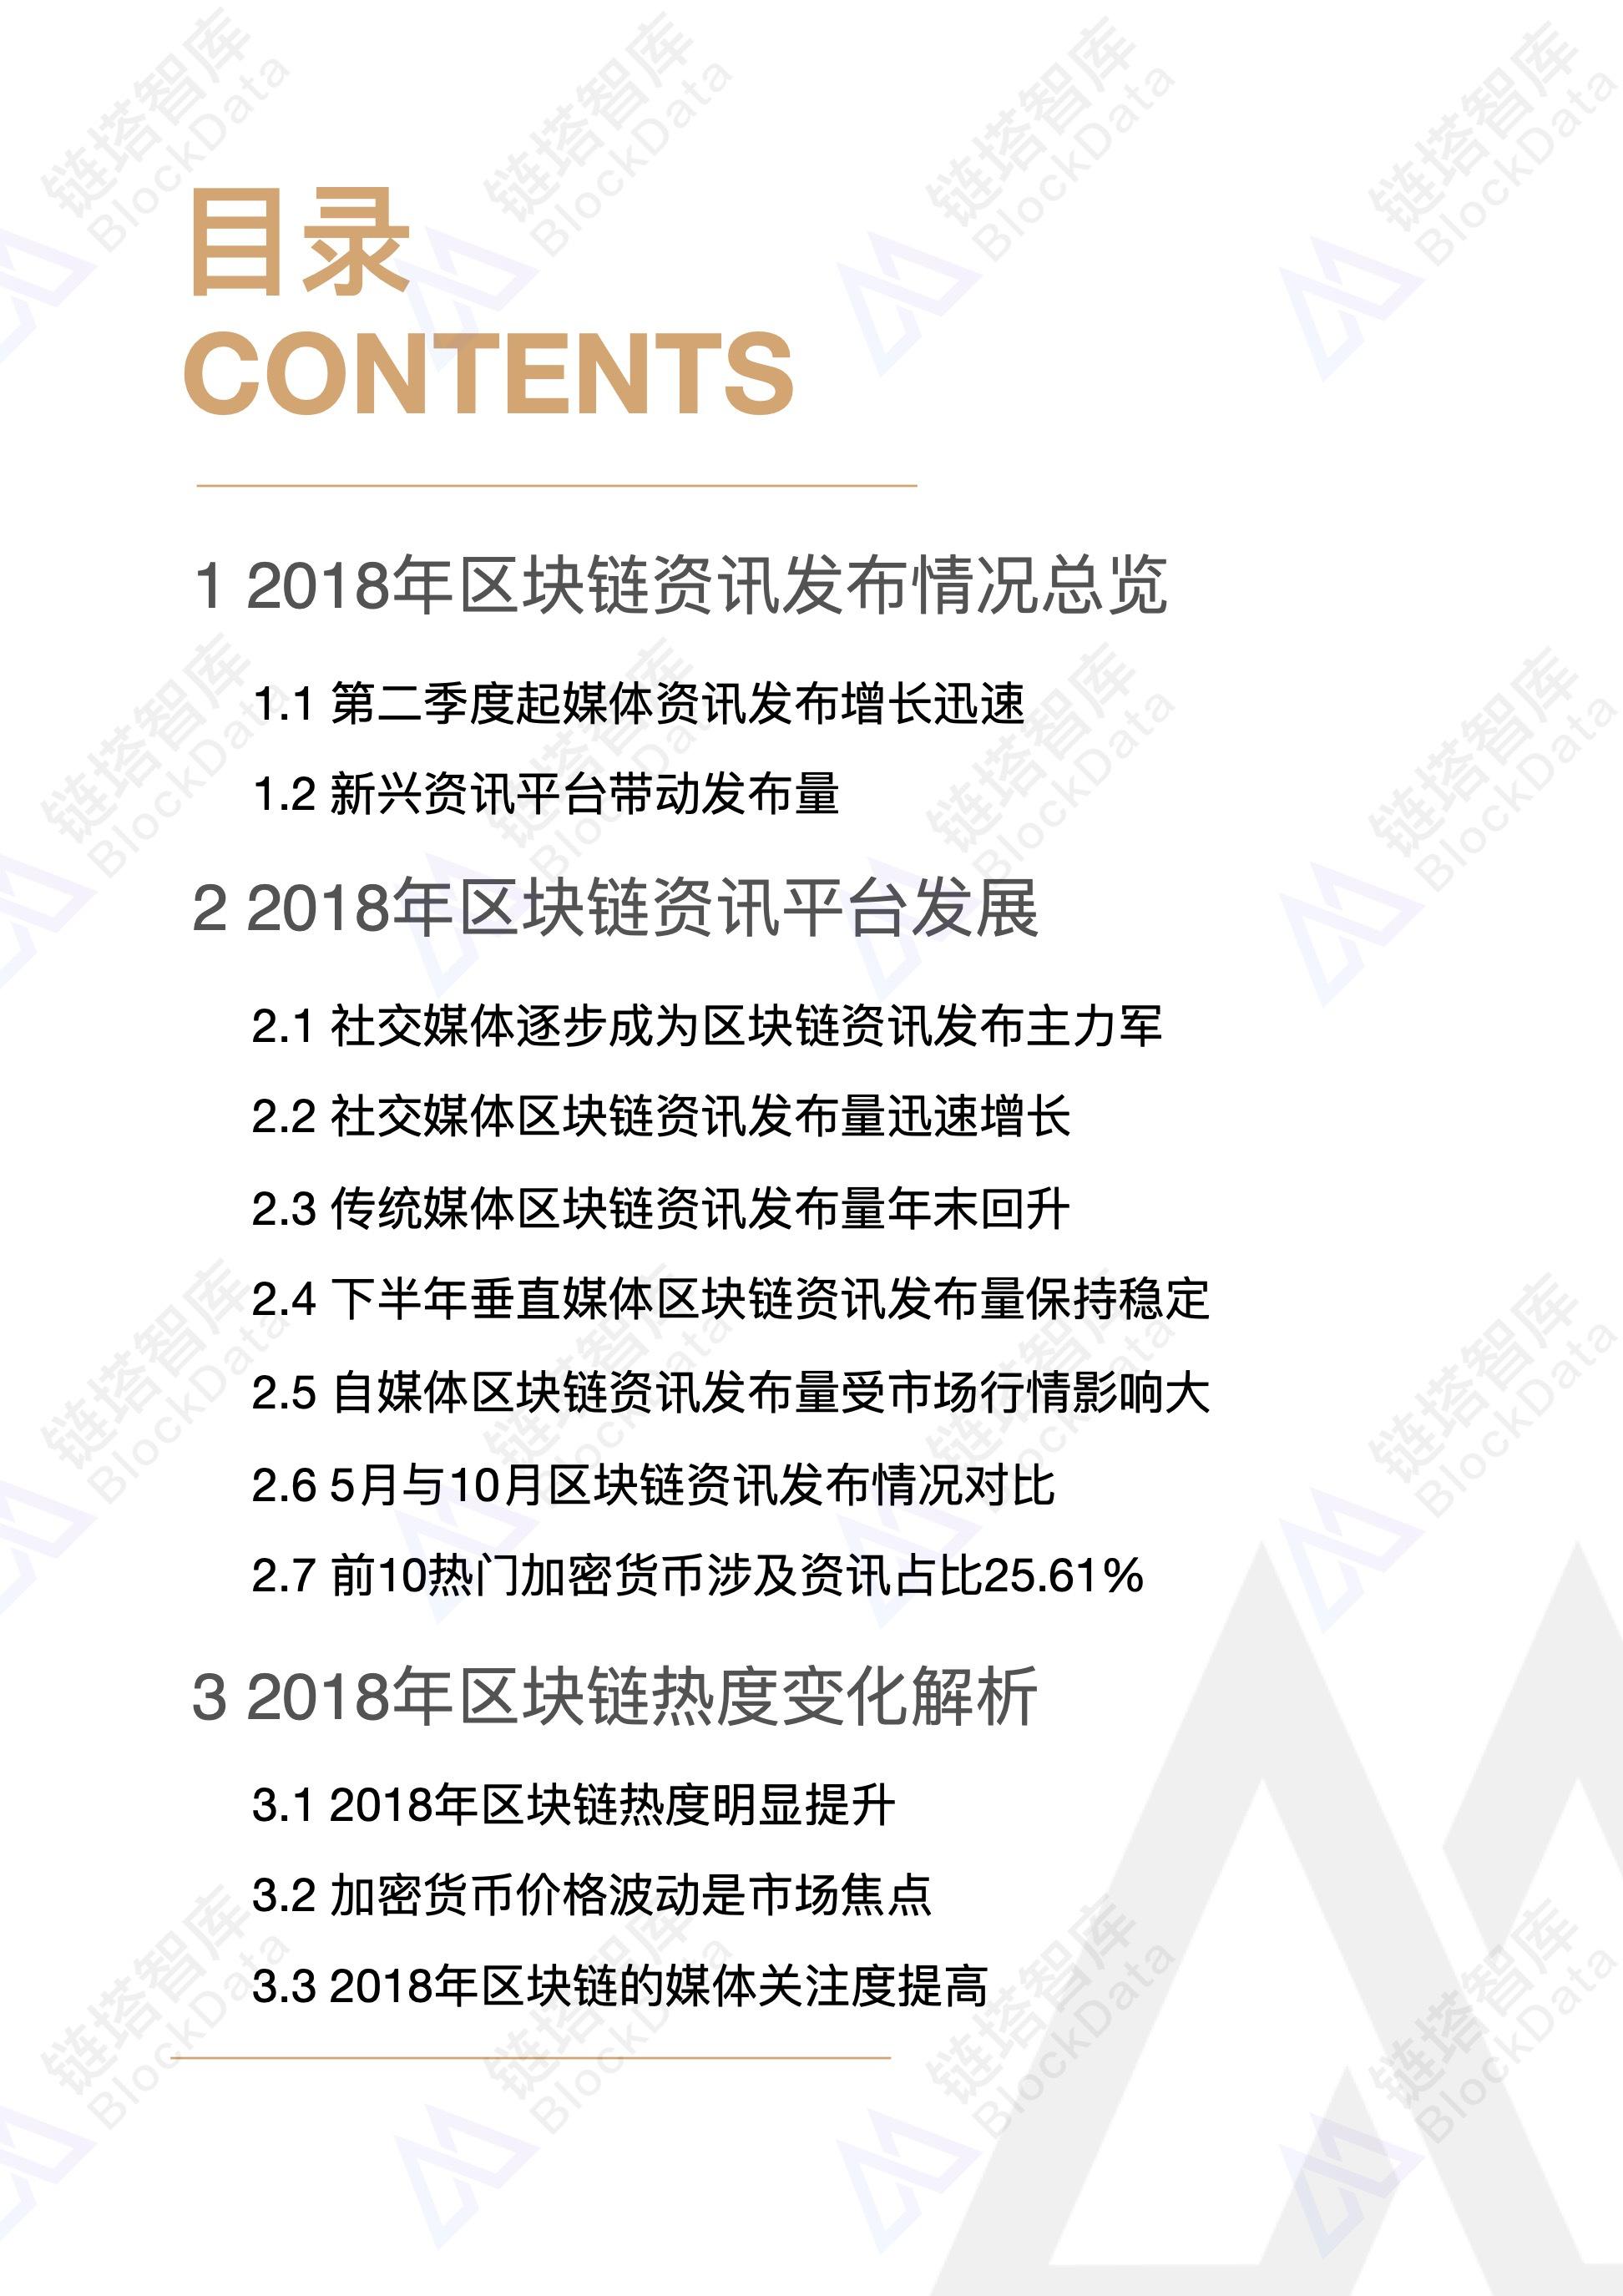 狂热至理性,2018年区块链舆情分析 | 链塔区块链产业年鉴精选